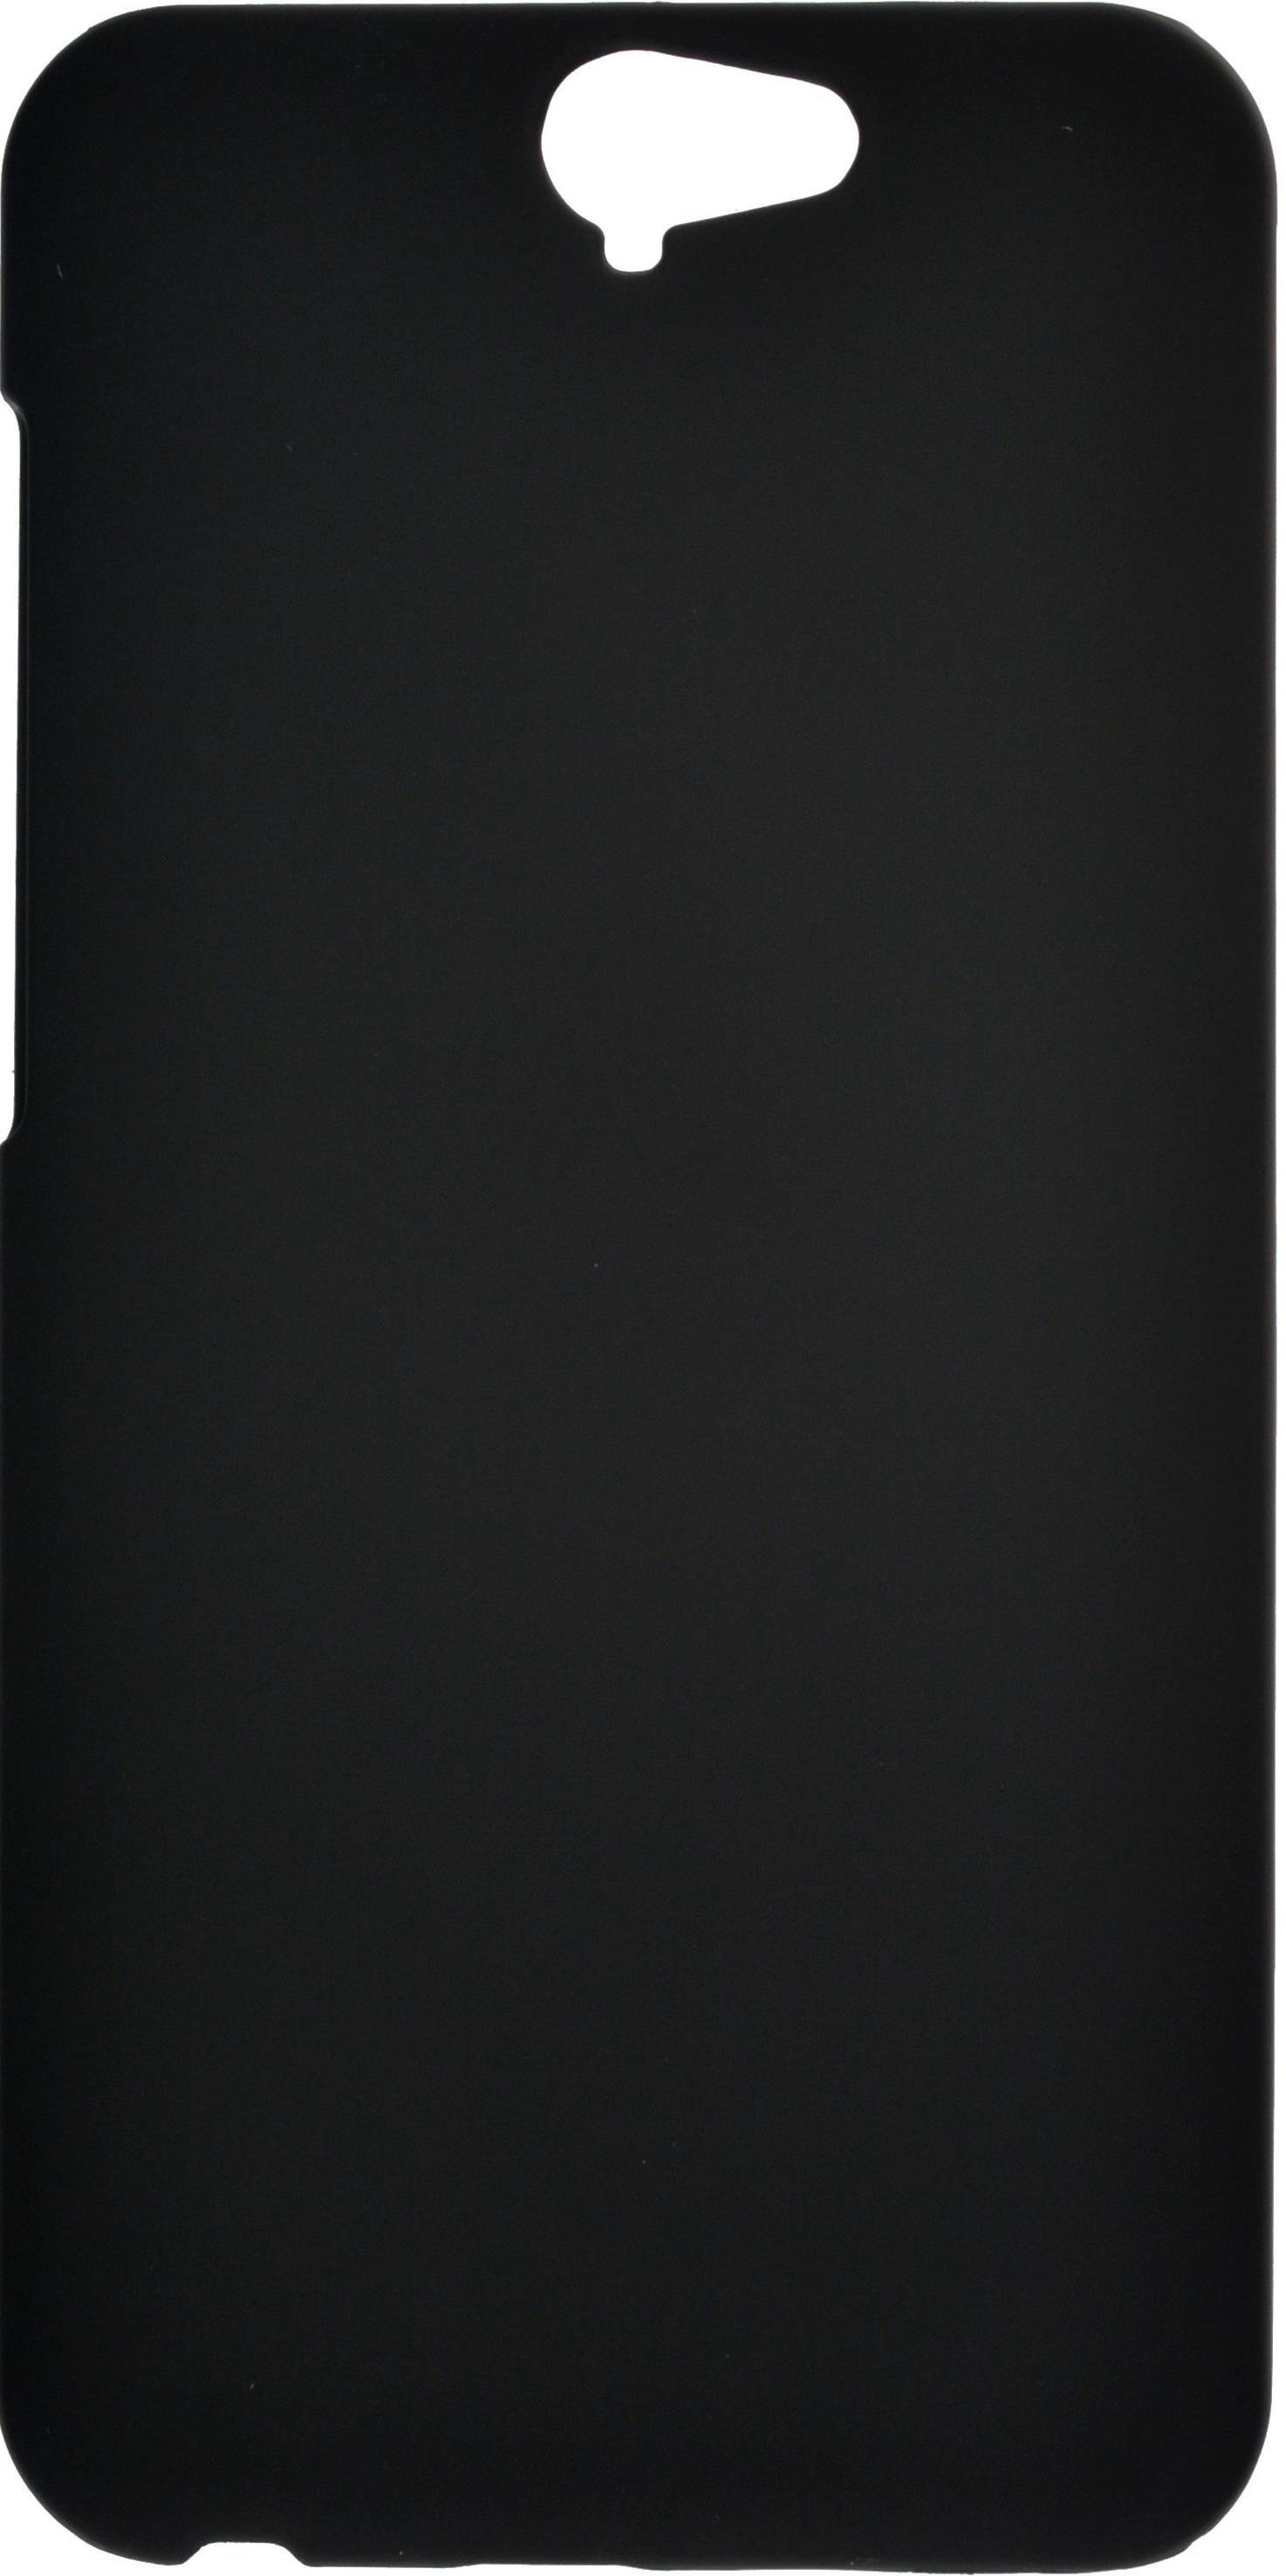 Фото - Чехол для сотового телефона skinBOX 4People, 4630042524972, черный чехол для сотового телефона skinbox 4people 4660041407501 черный